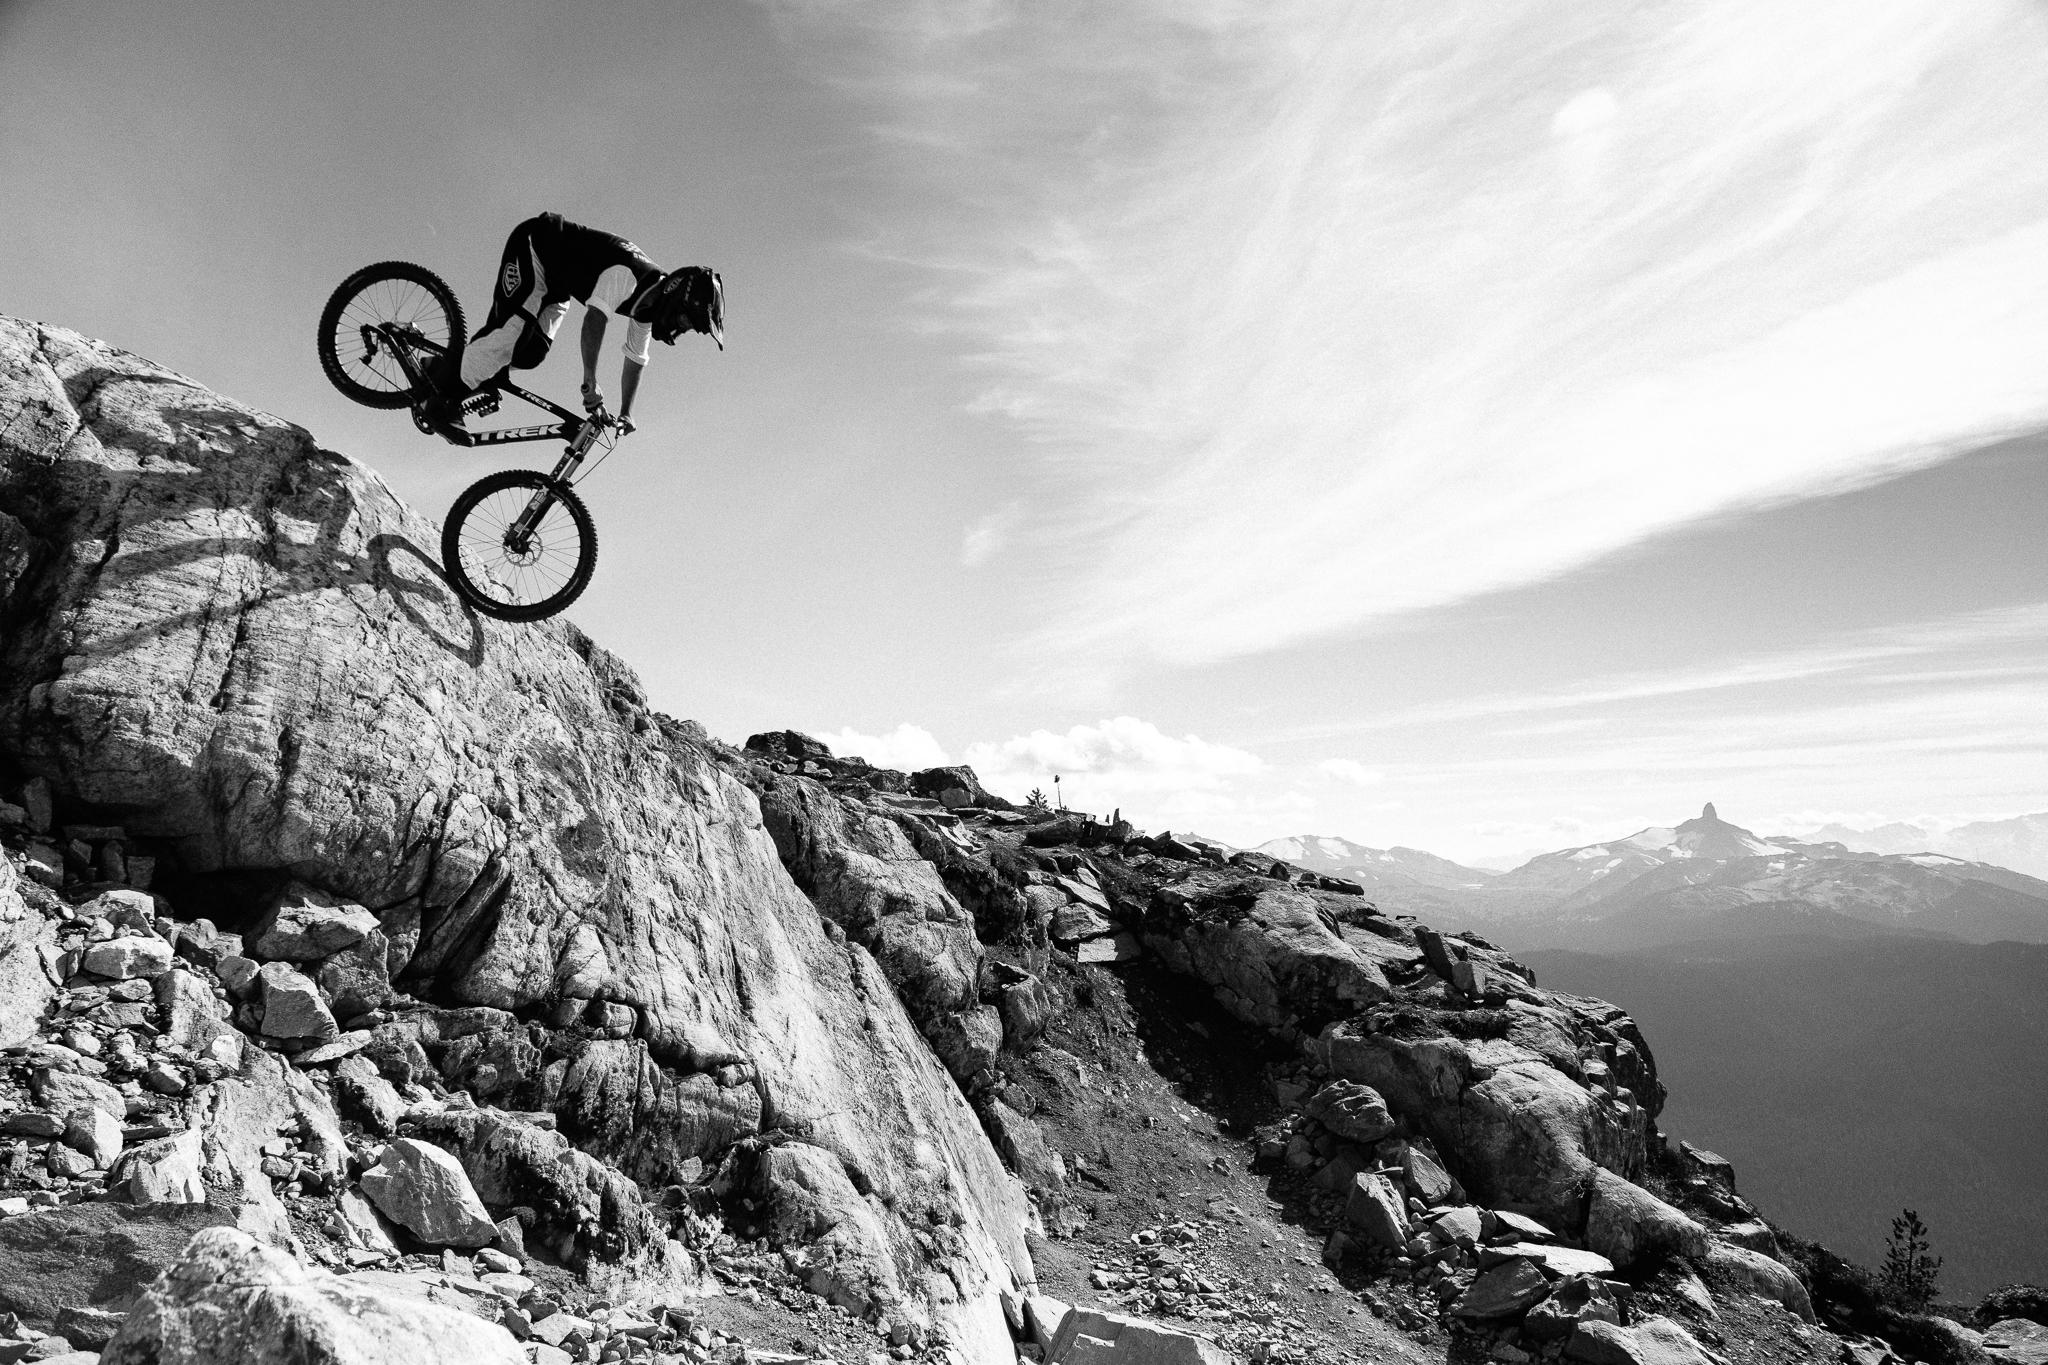 Whistler 3-1904 - the art of dirt - Mountain Biking ...